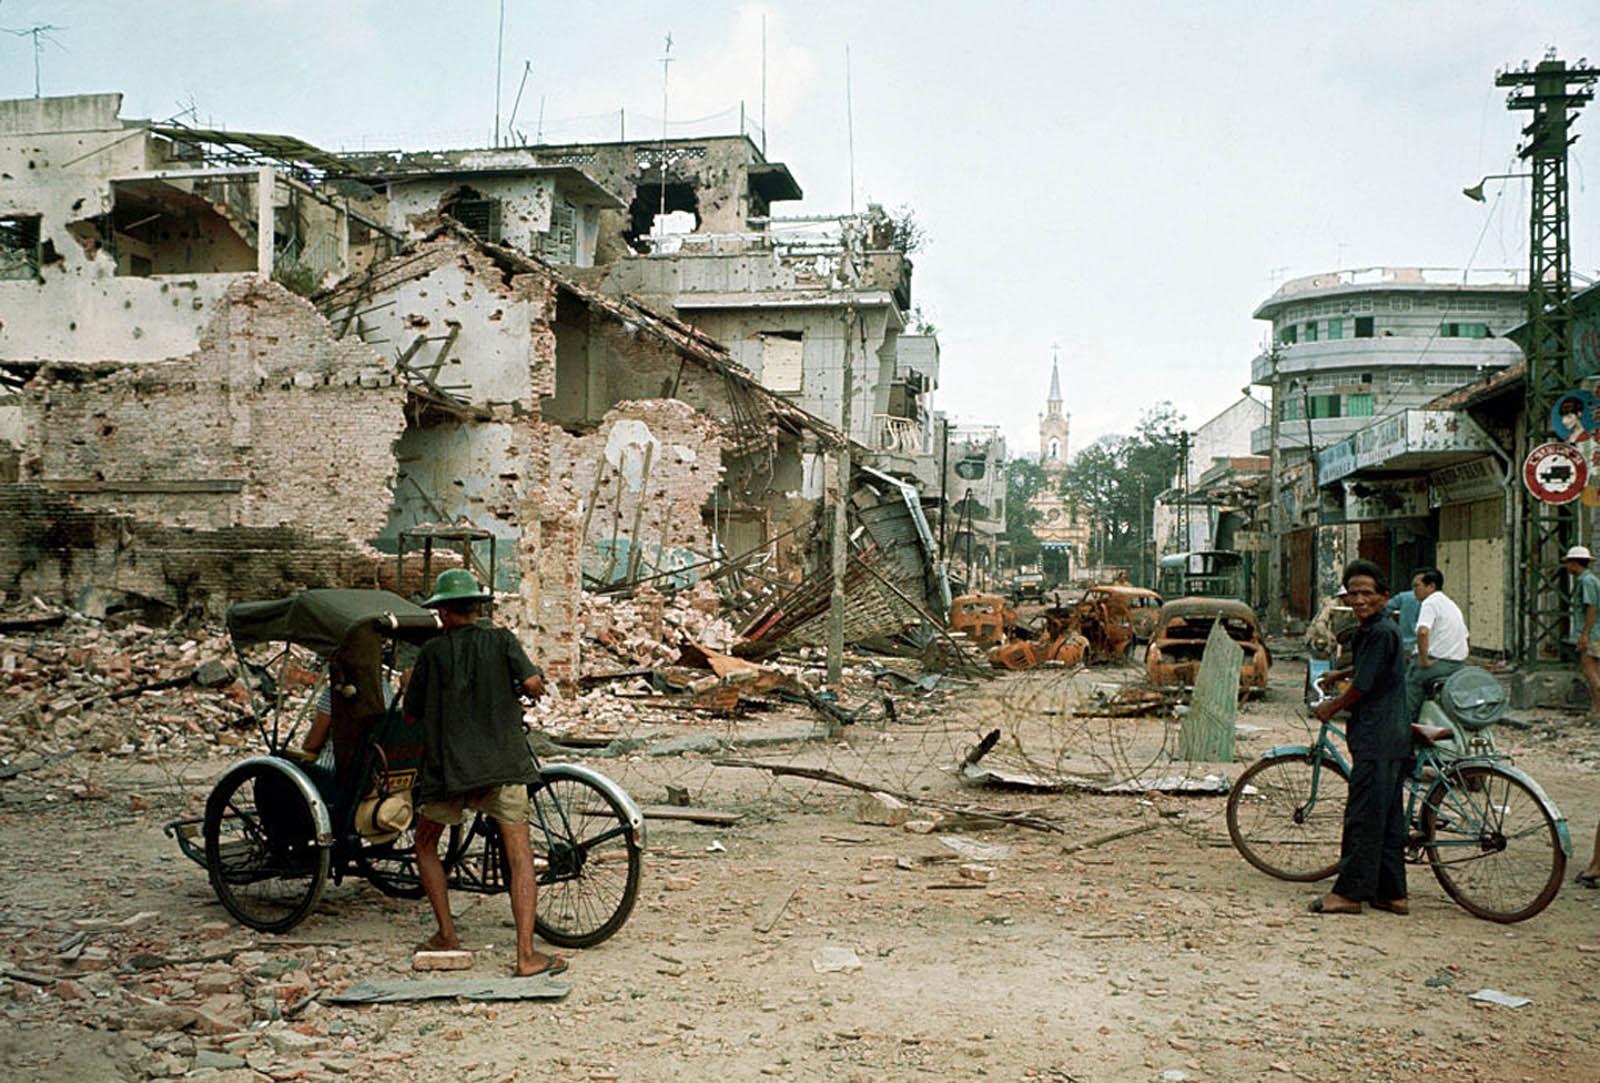 Район Тёлон после того, как большая часть боёв закончилась. Люди со своими велосипедами (один из них рикша) стоят посреди улицы с сильно поврежденными зданиями слева. 10 июня